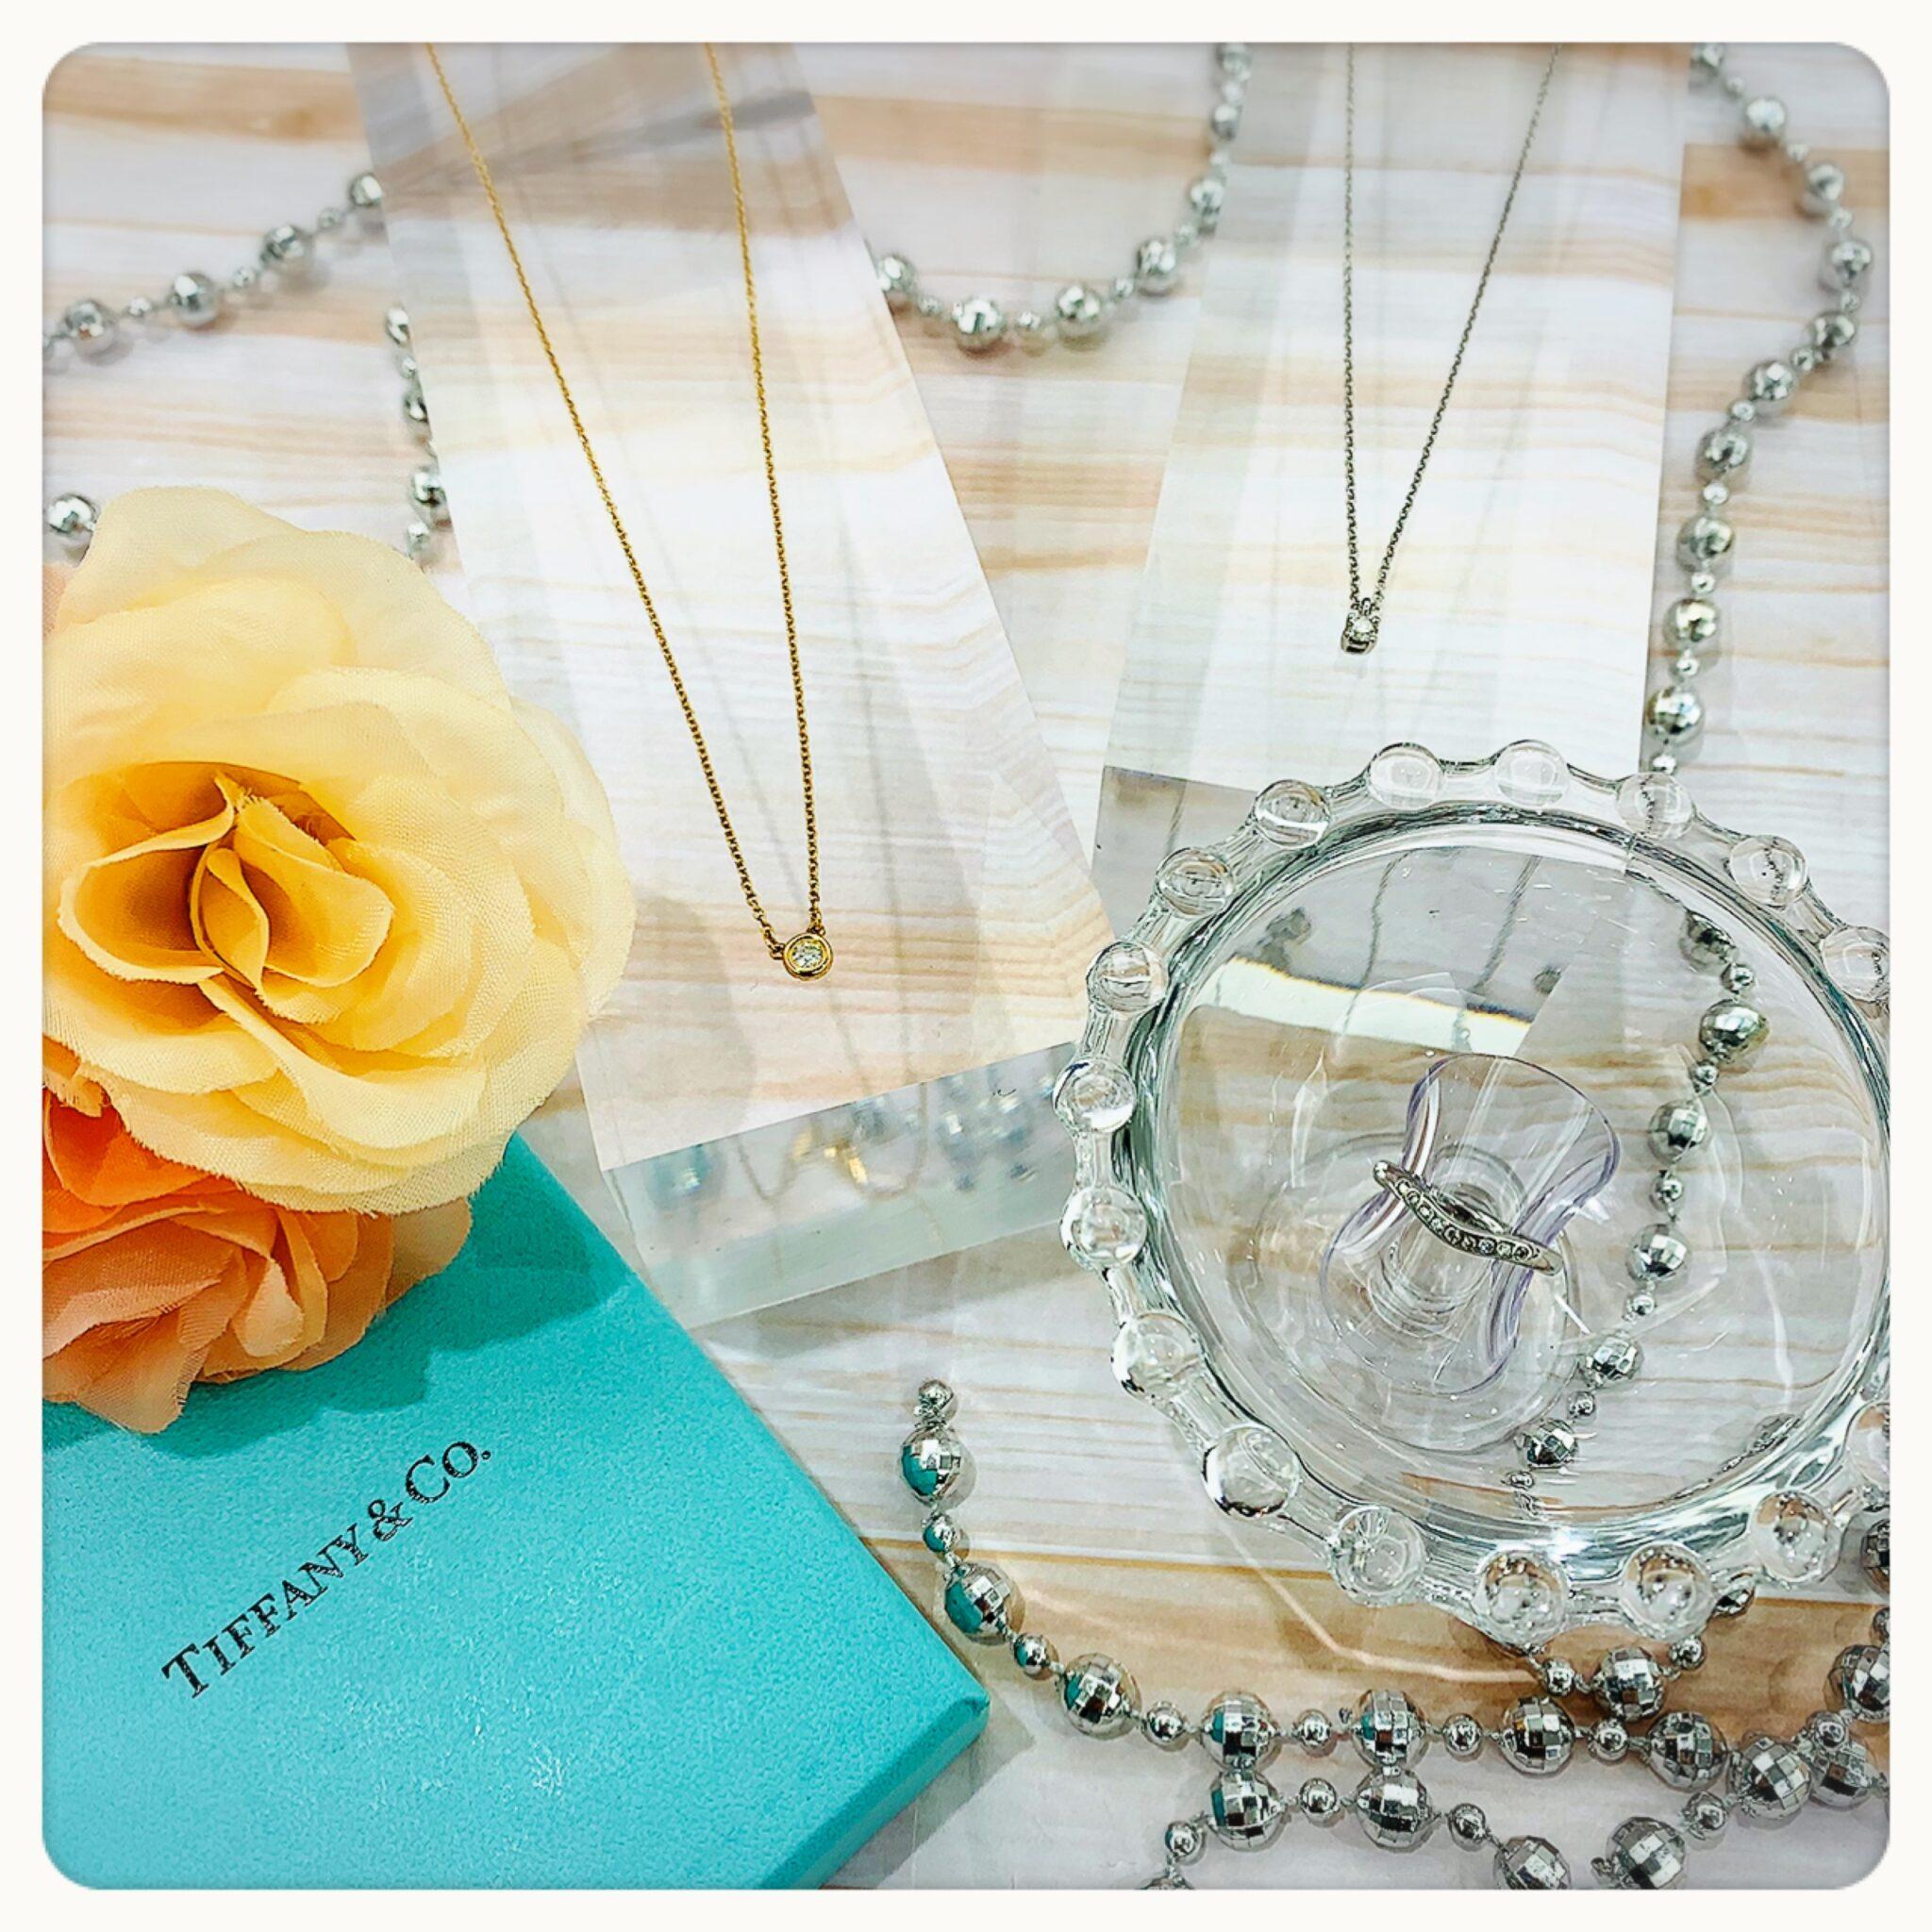 【ダイヤ 販売 盛岡】毎日身につけた~い🙌 TIFFANY&Co. のダイヤモンドジュエリー♡♡